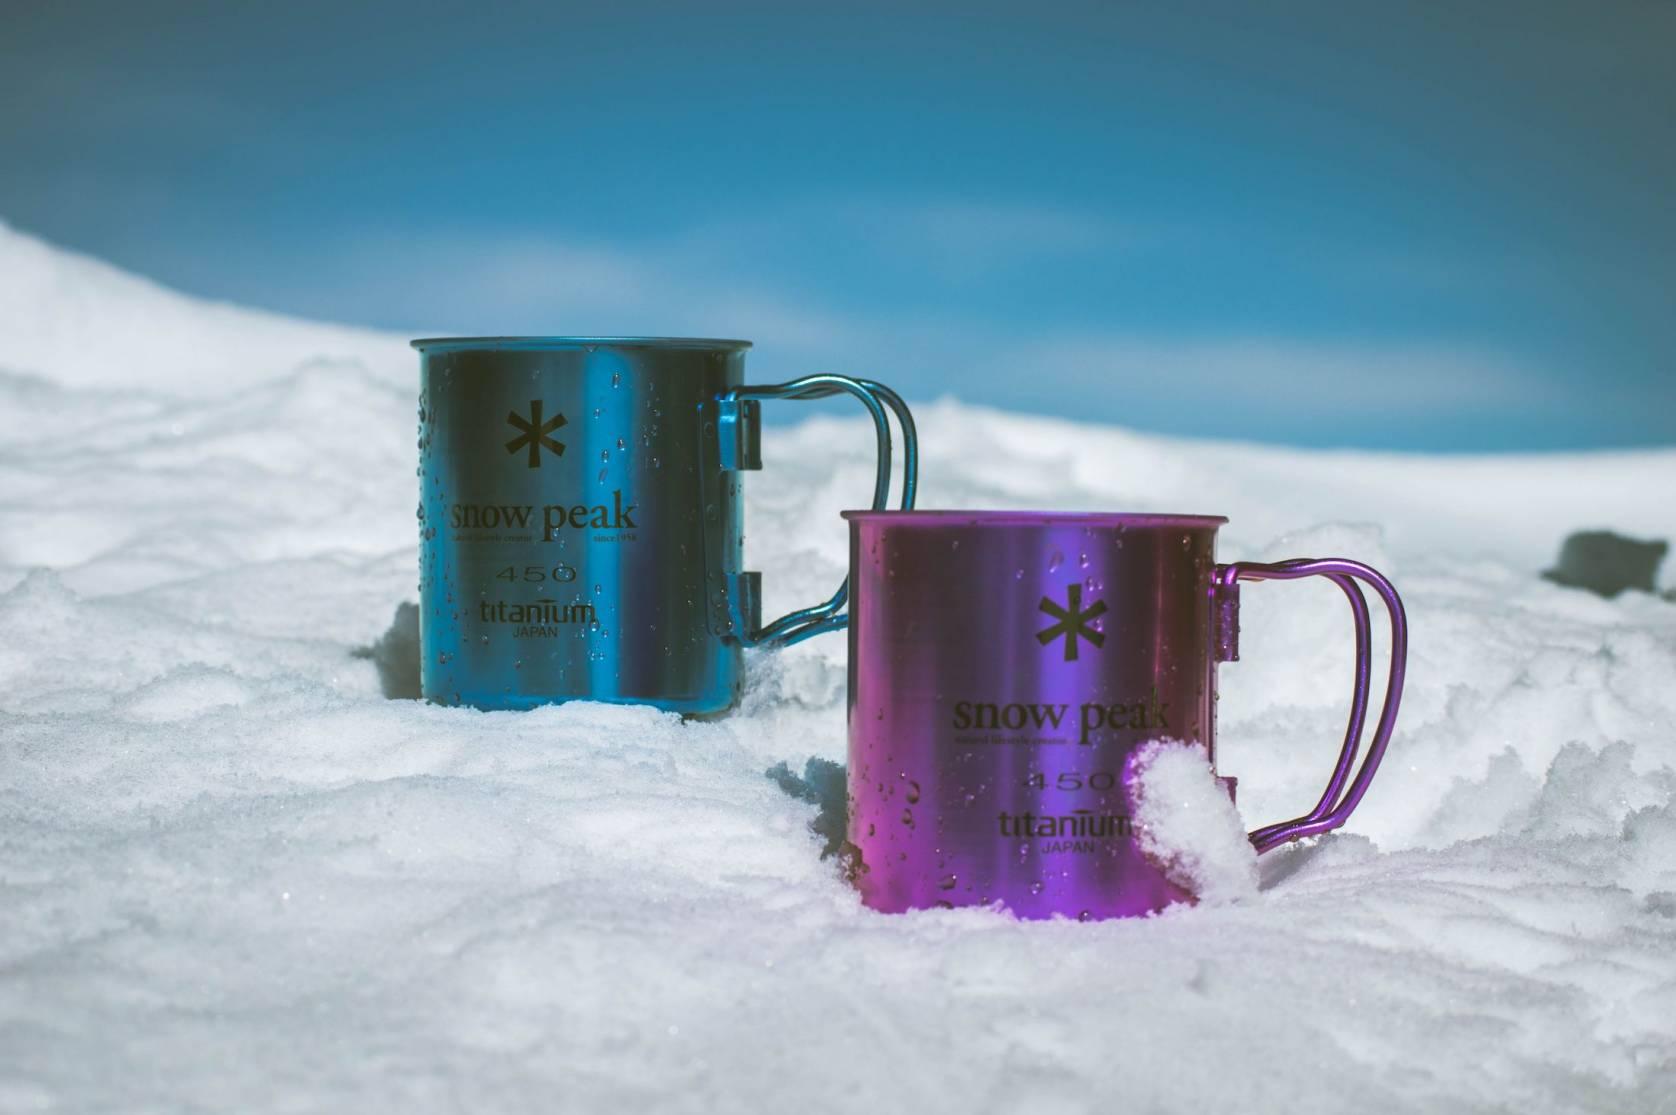 Snow Peak branded mugs